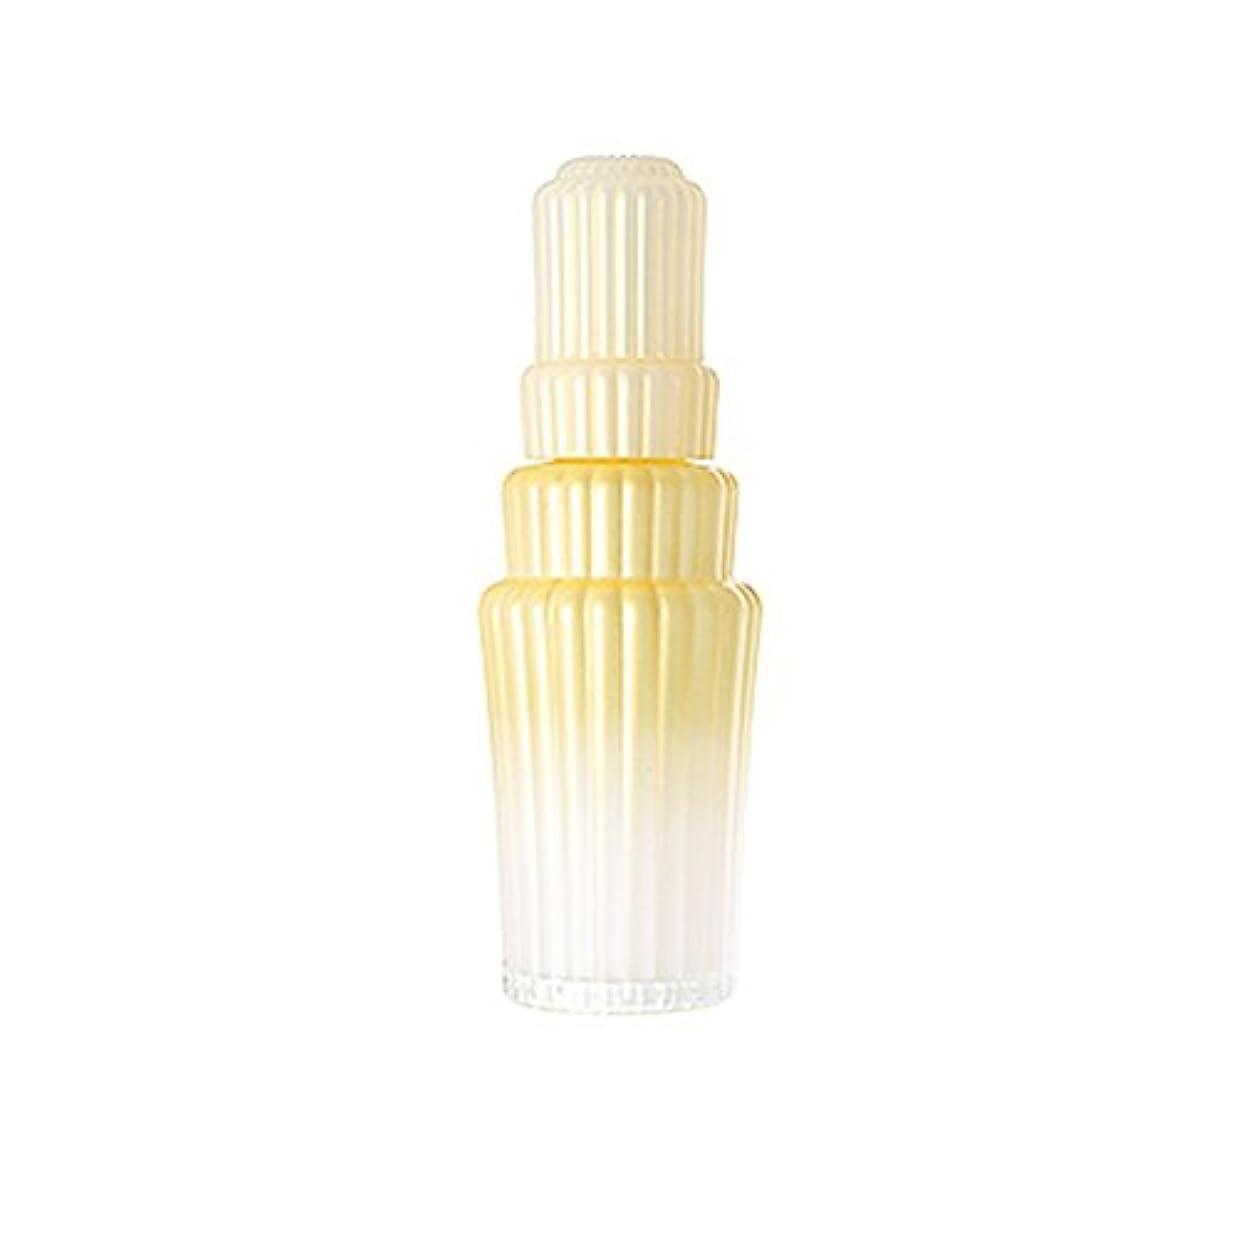 高い団結目に見えるアユーラ (AYURA) モイスチャライジングプライマー コンビネーションドライ W (医薬部外品) 100mL 〈美白化粧液〉 混合乾燥ケア うるおい アロマティックハーブの香り